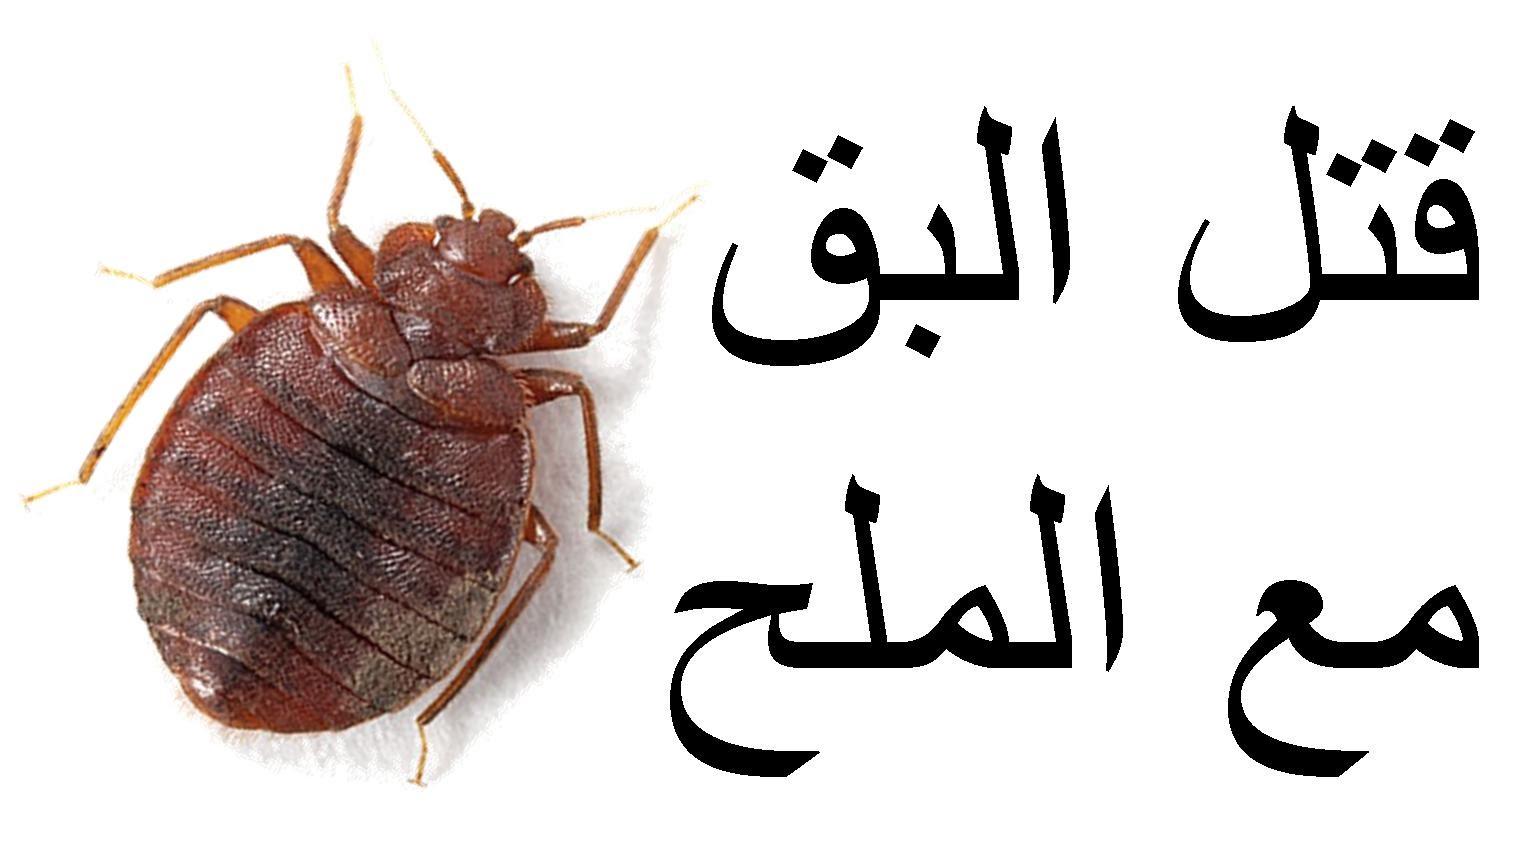 صوره القضاء على البق , اسوء الحشرات المنزلية وطرق القضاء عليها